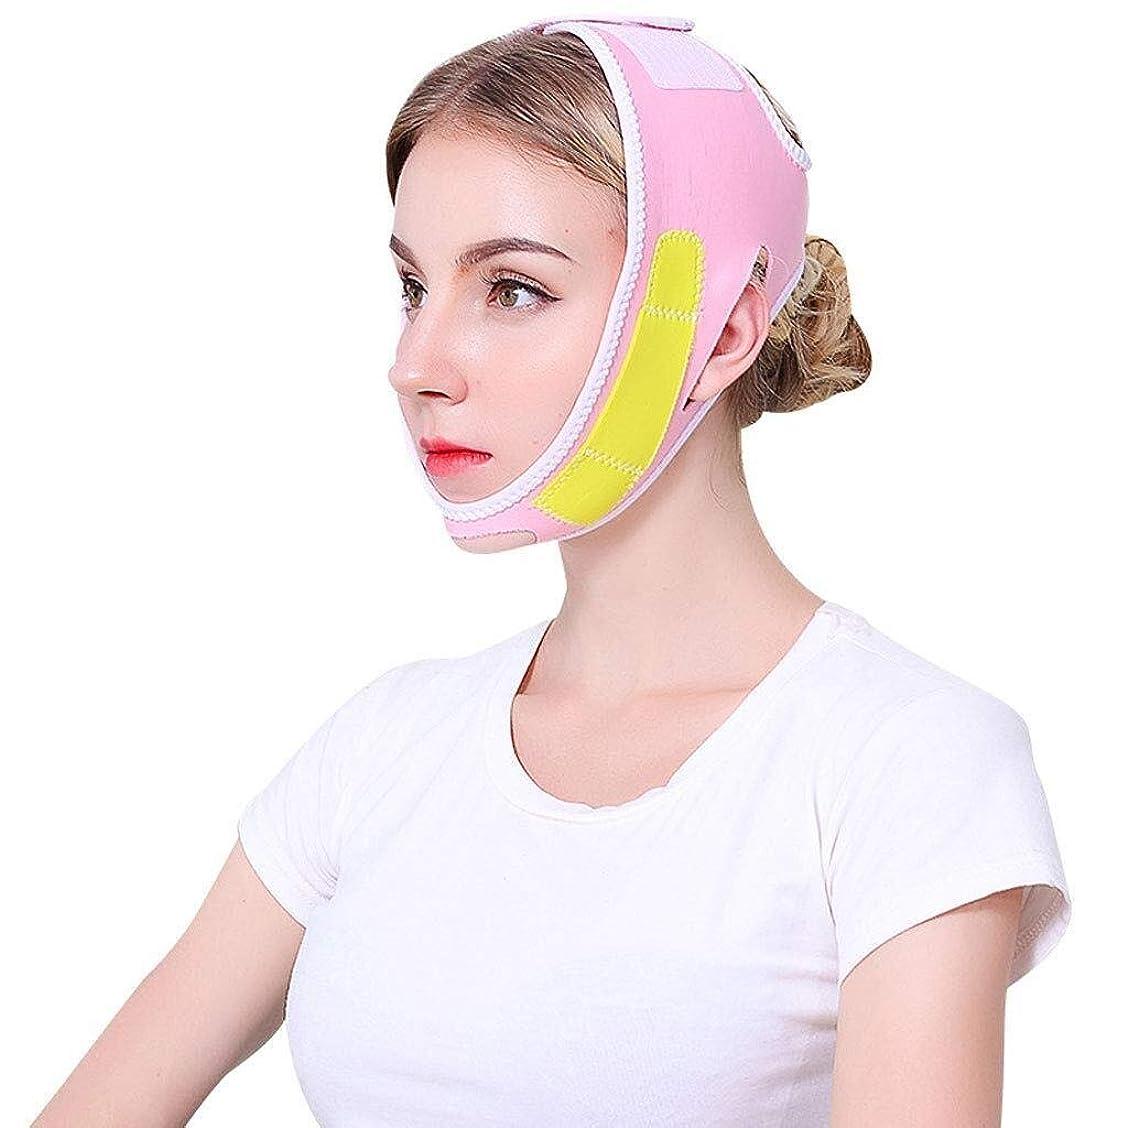 意外不規則な不規則な顔の持ち上がる細くの伸縮性があるベルト、 フェイスリフト包帯、Vフェイスマスクあご通気性 女性用バンドを持ち上げる (Color : 1)